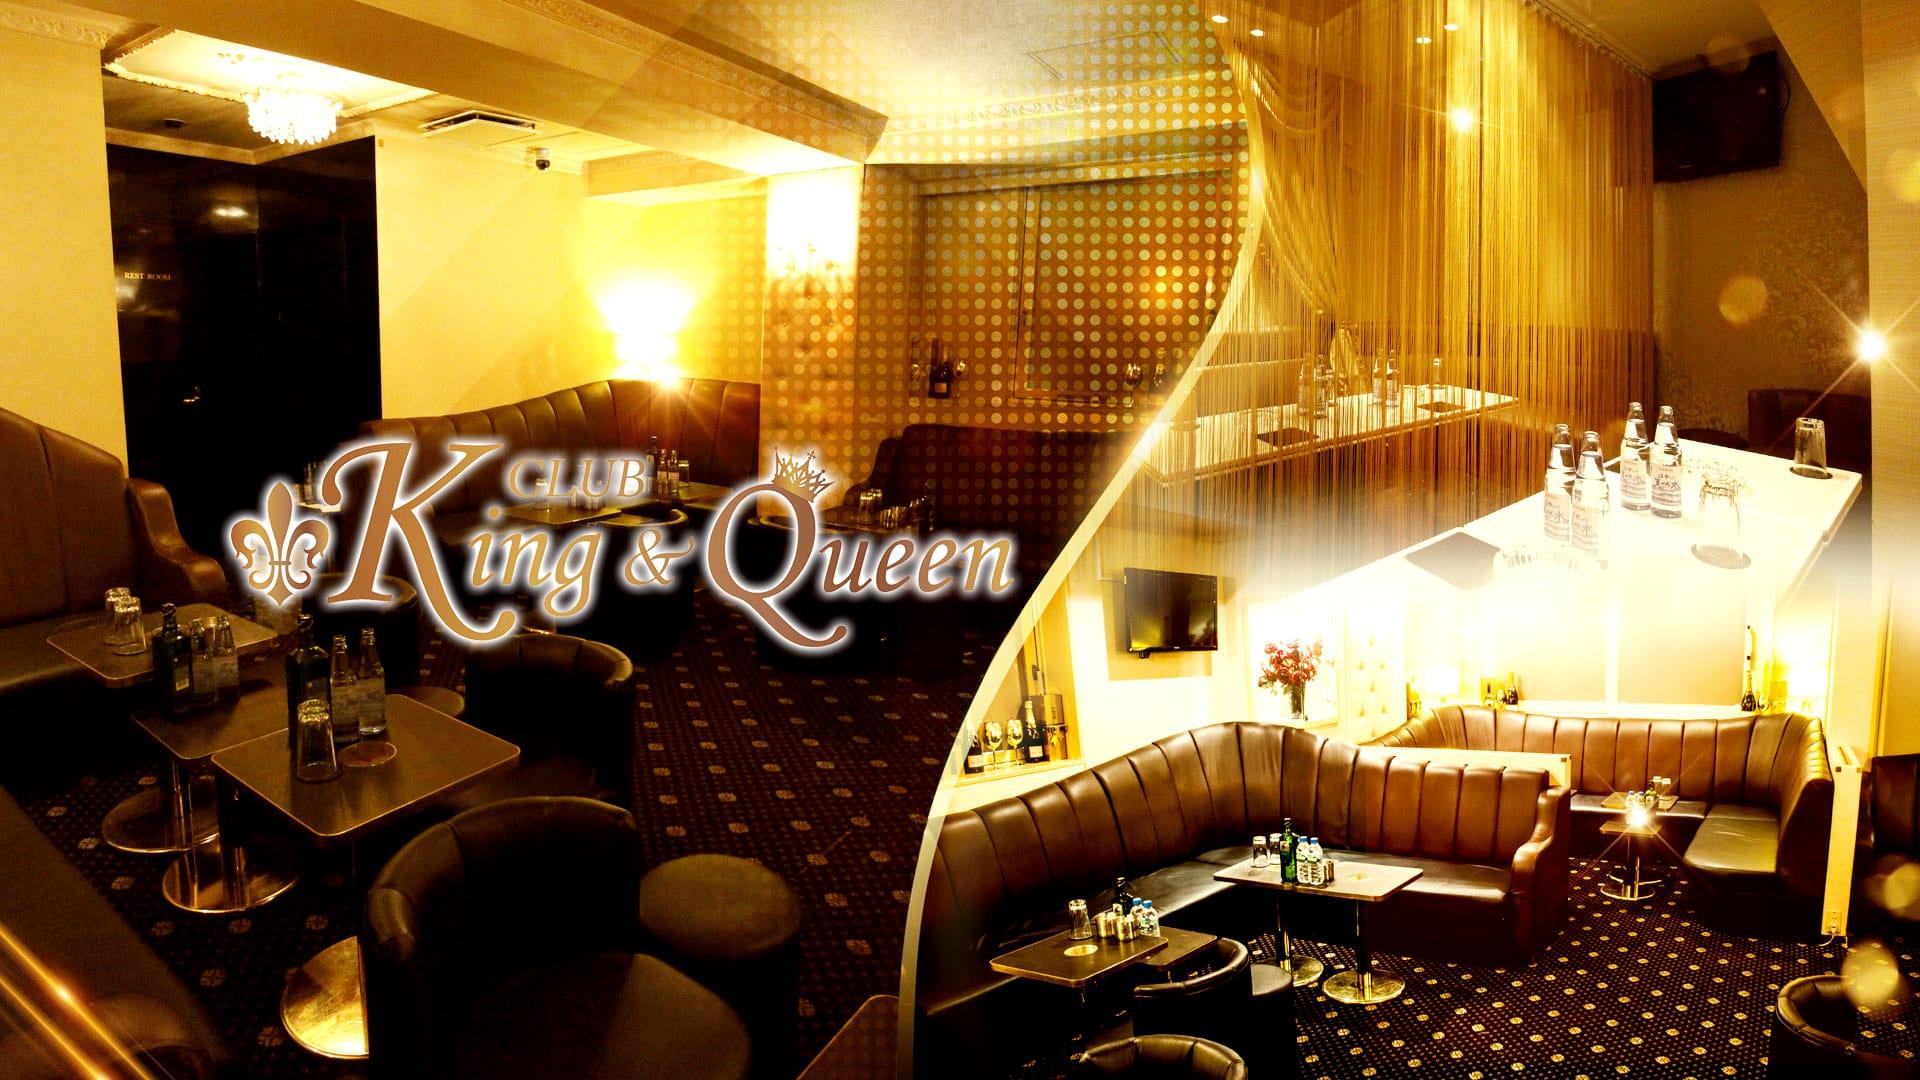 King&Queen(キングアンドクィーン) 新橋キャバクラ TOP画像